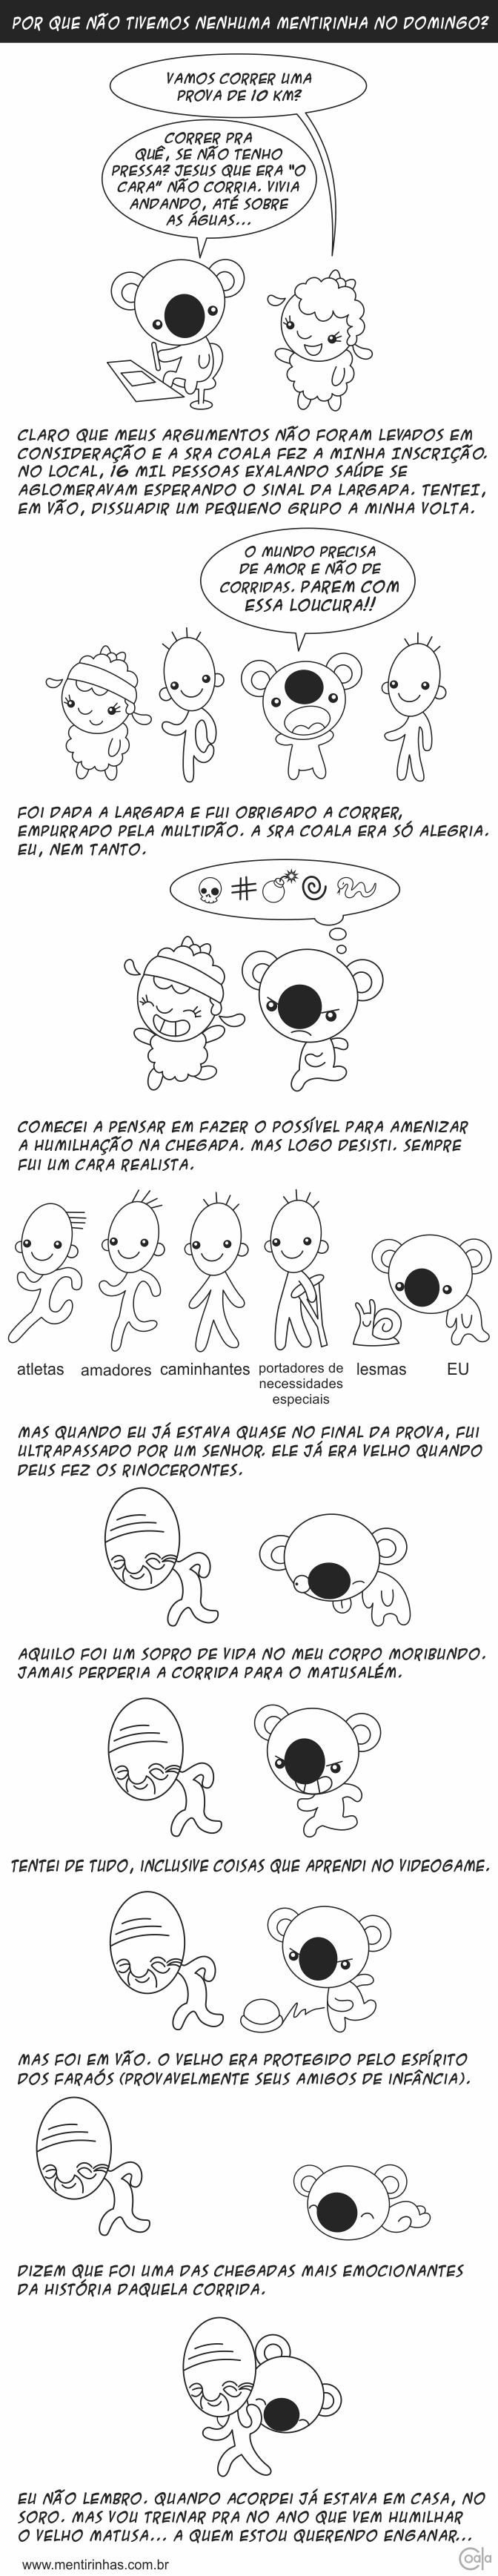 crrida_tri